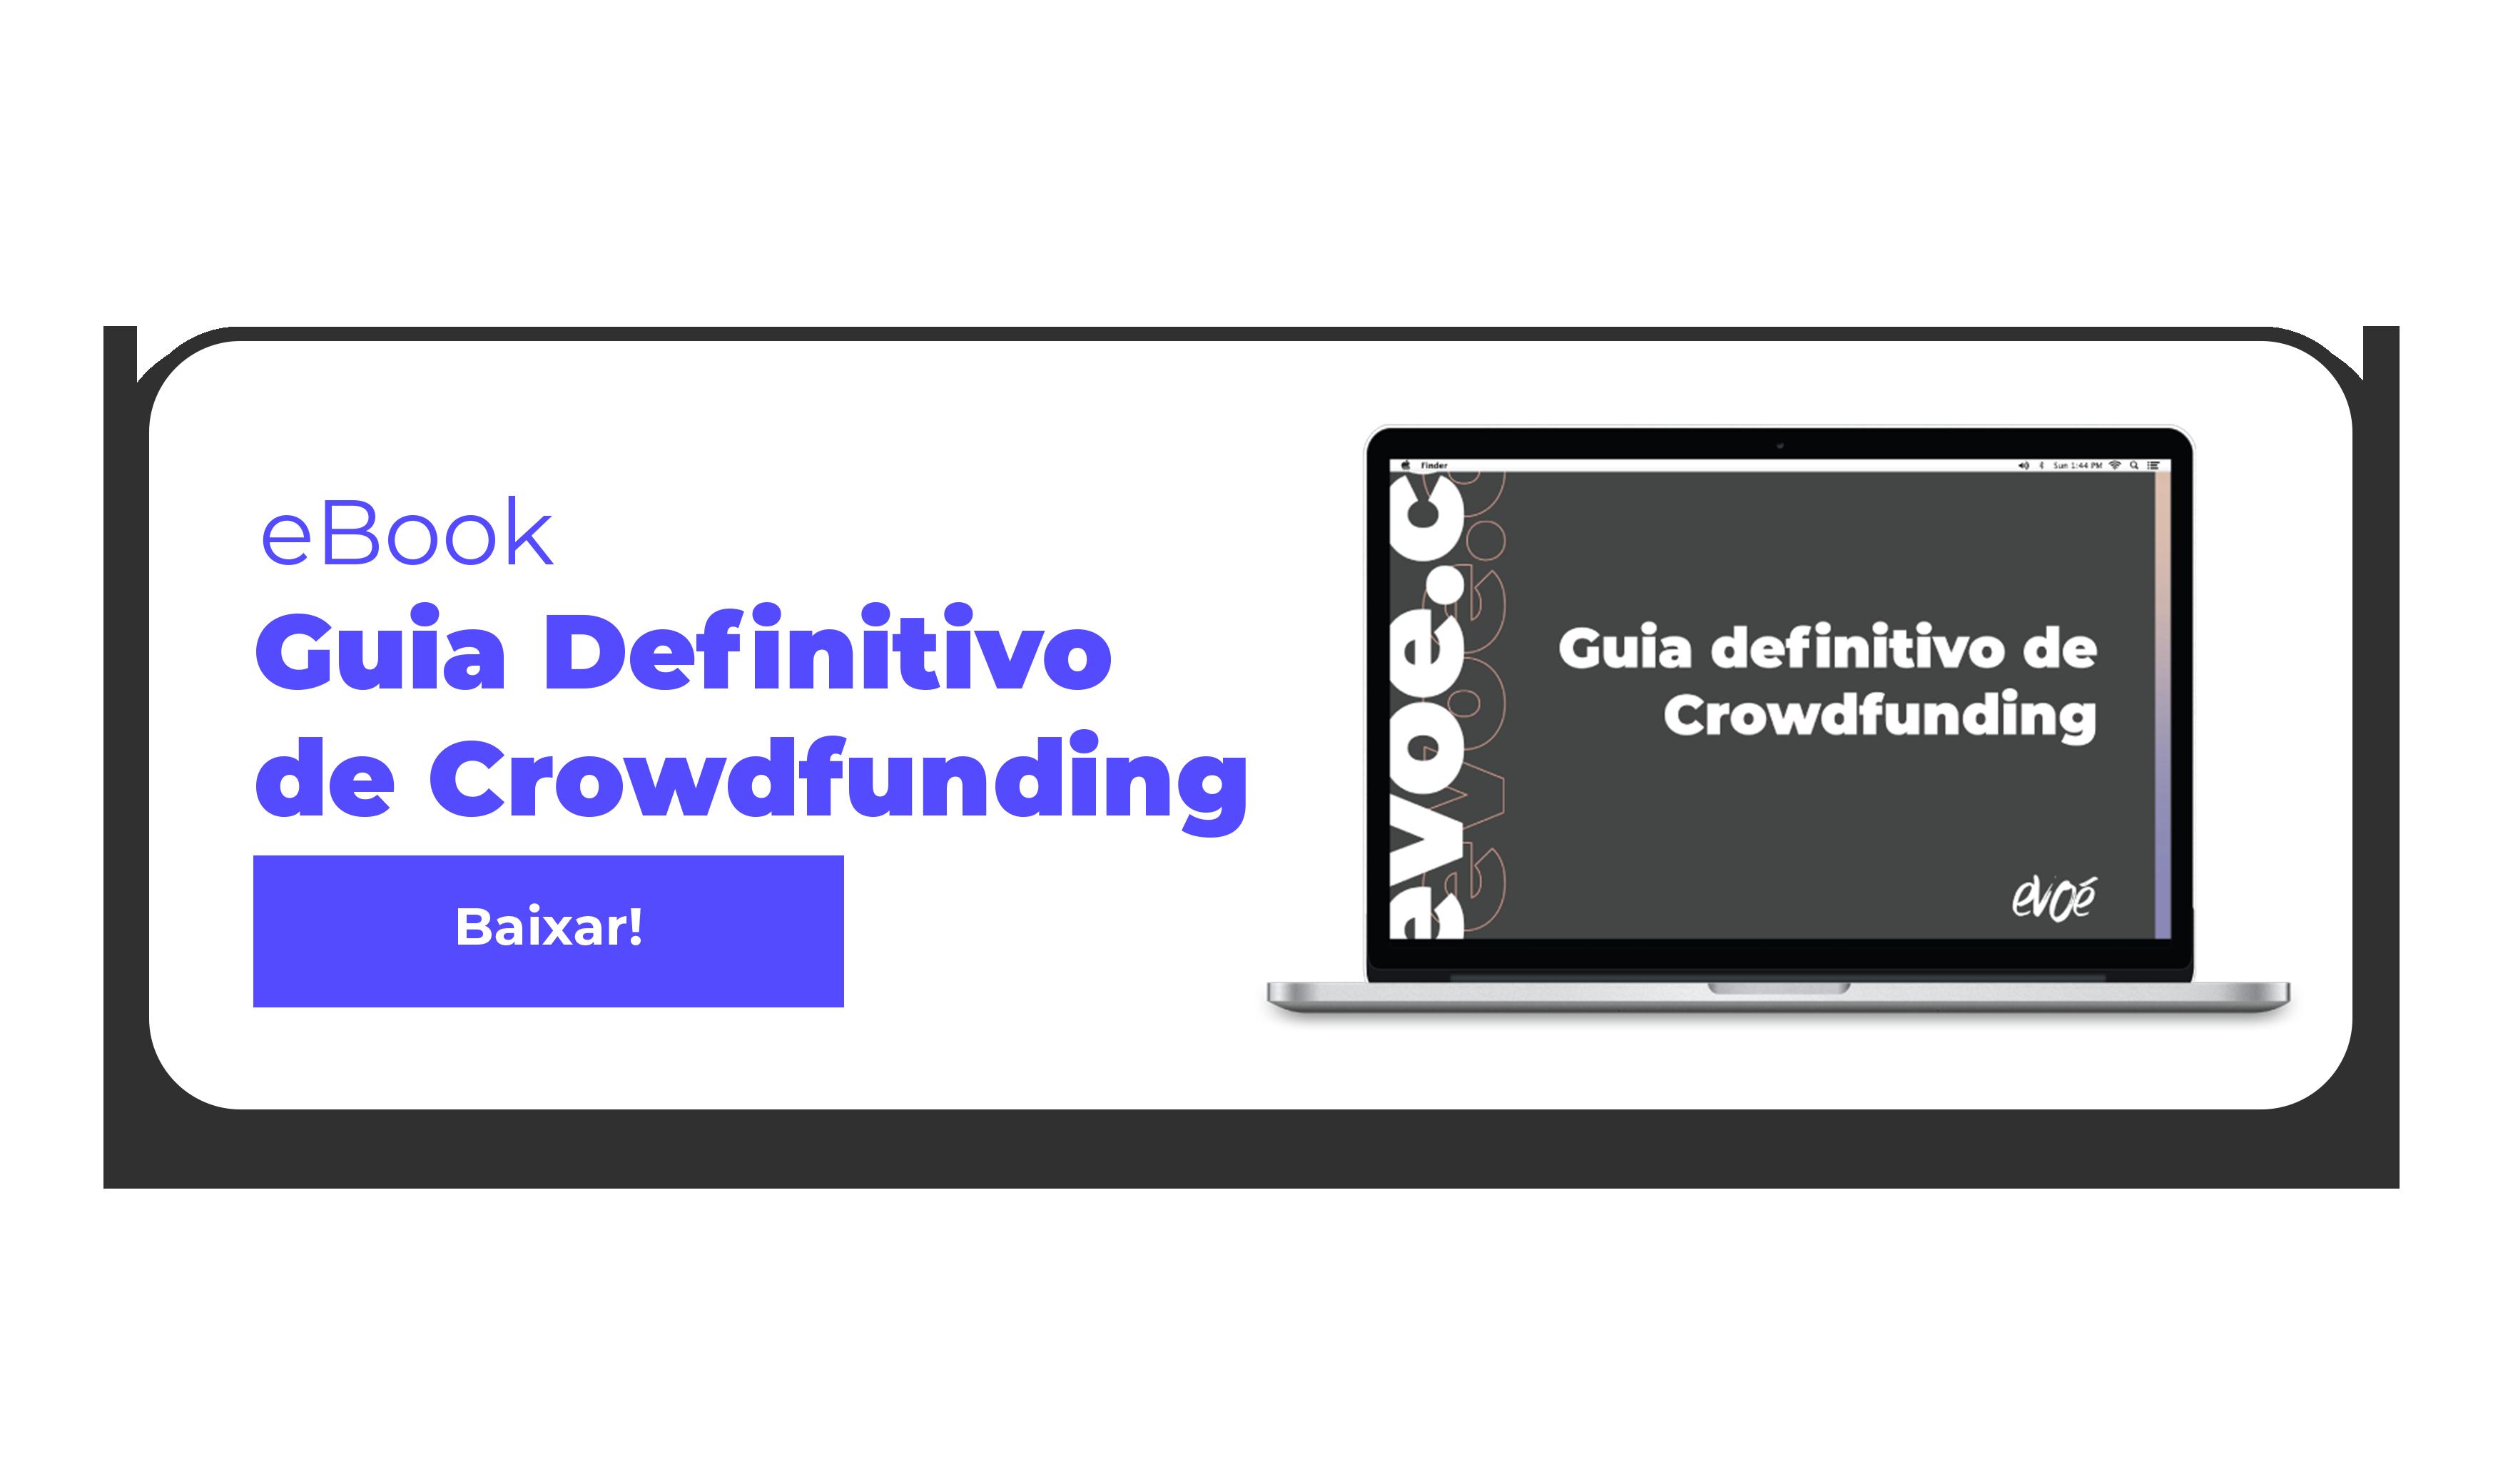 Guia definitivo de crowdfunding